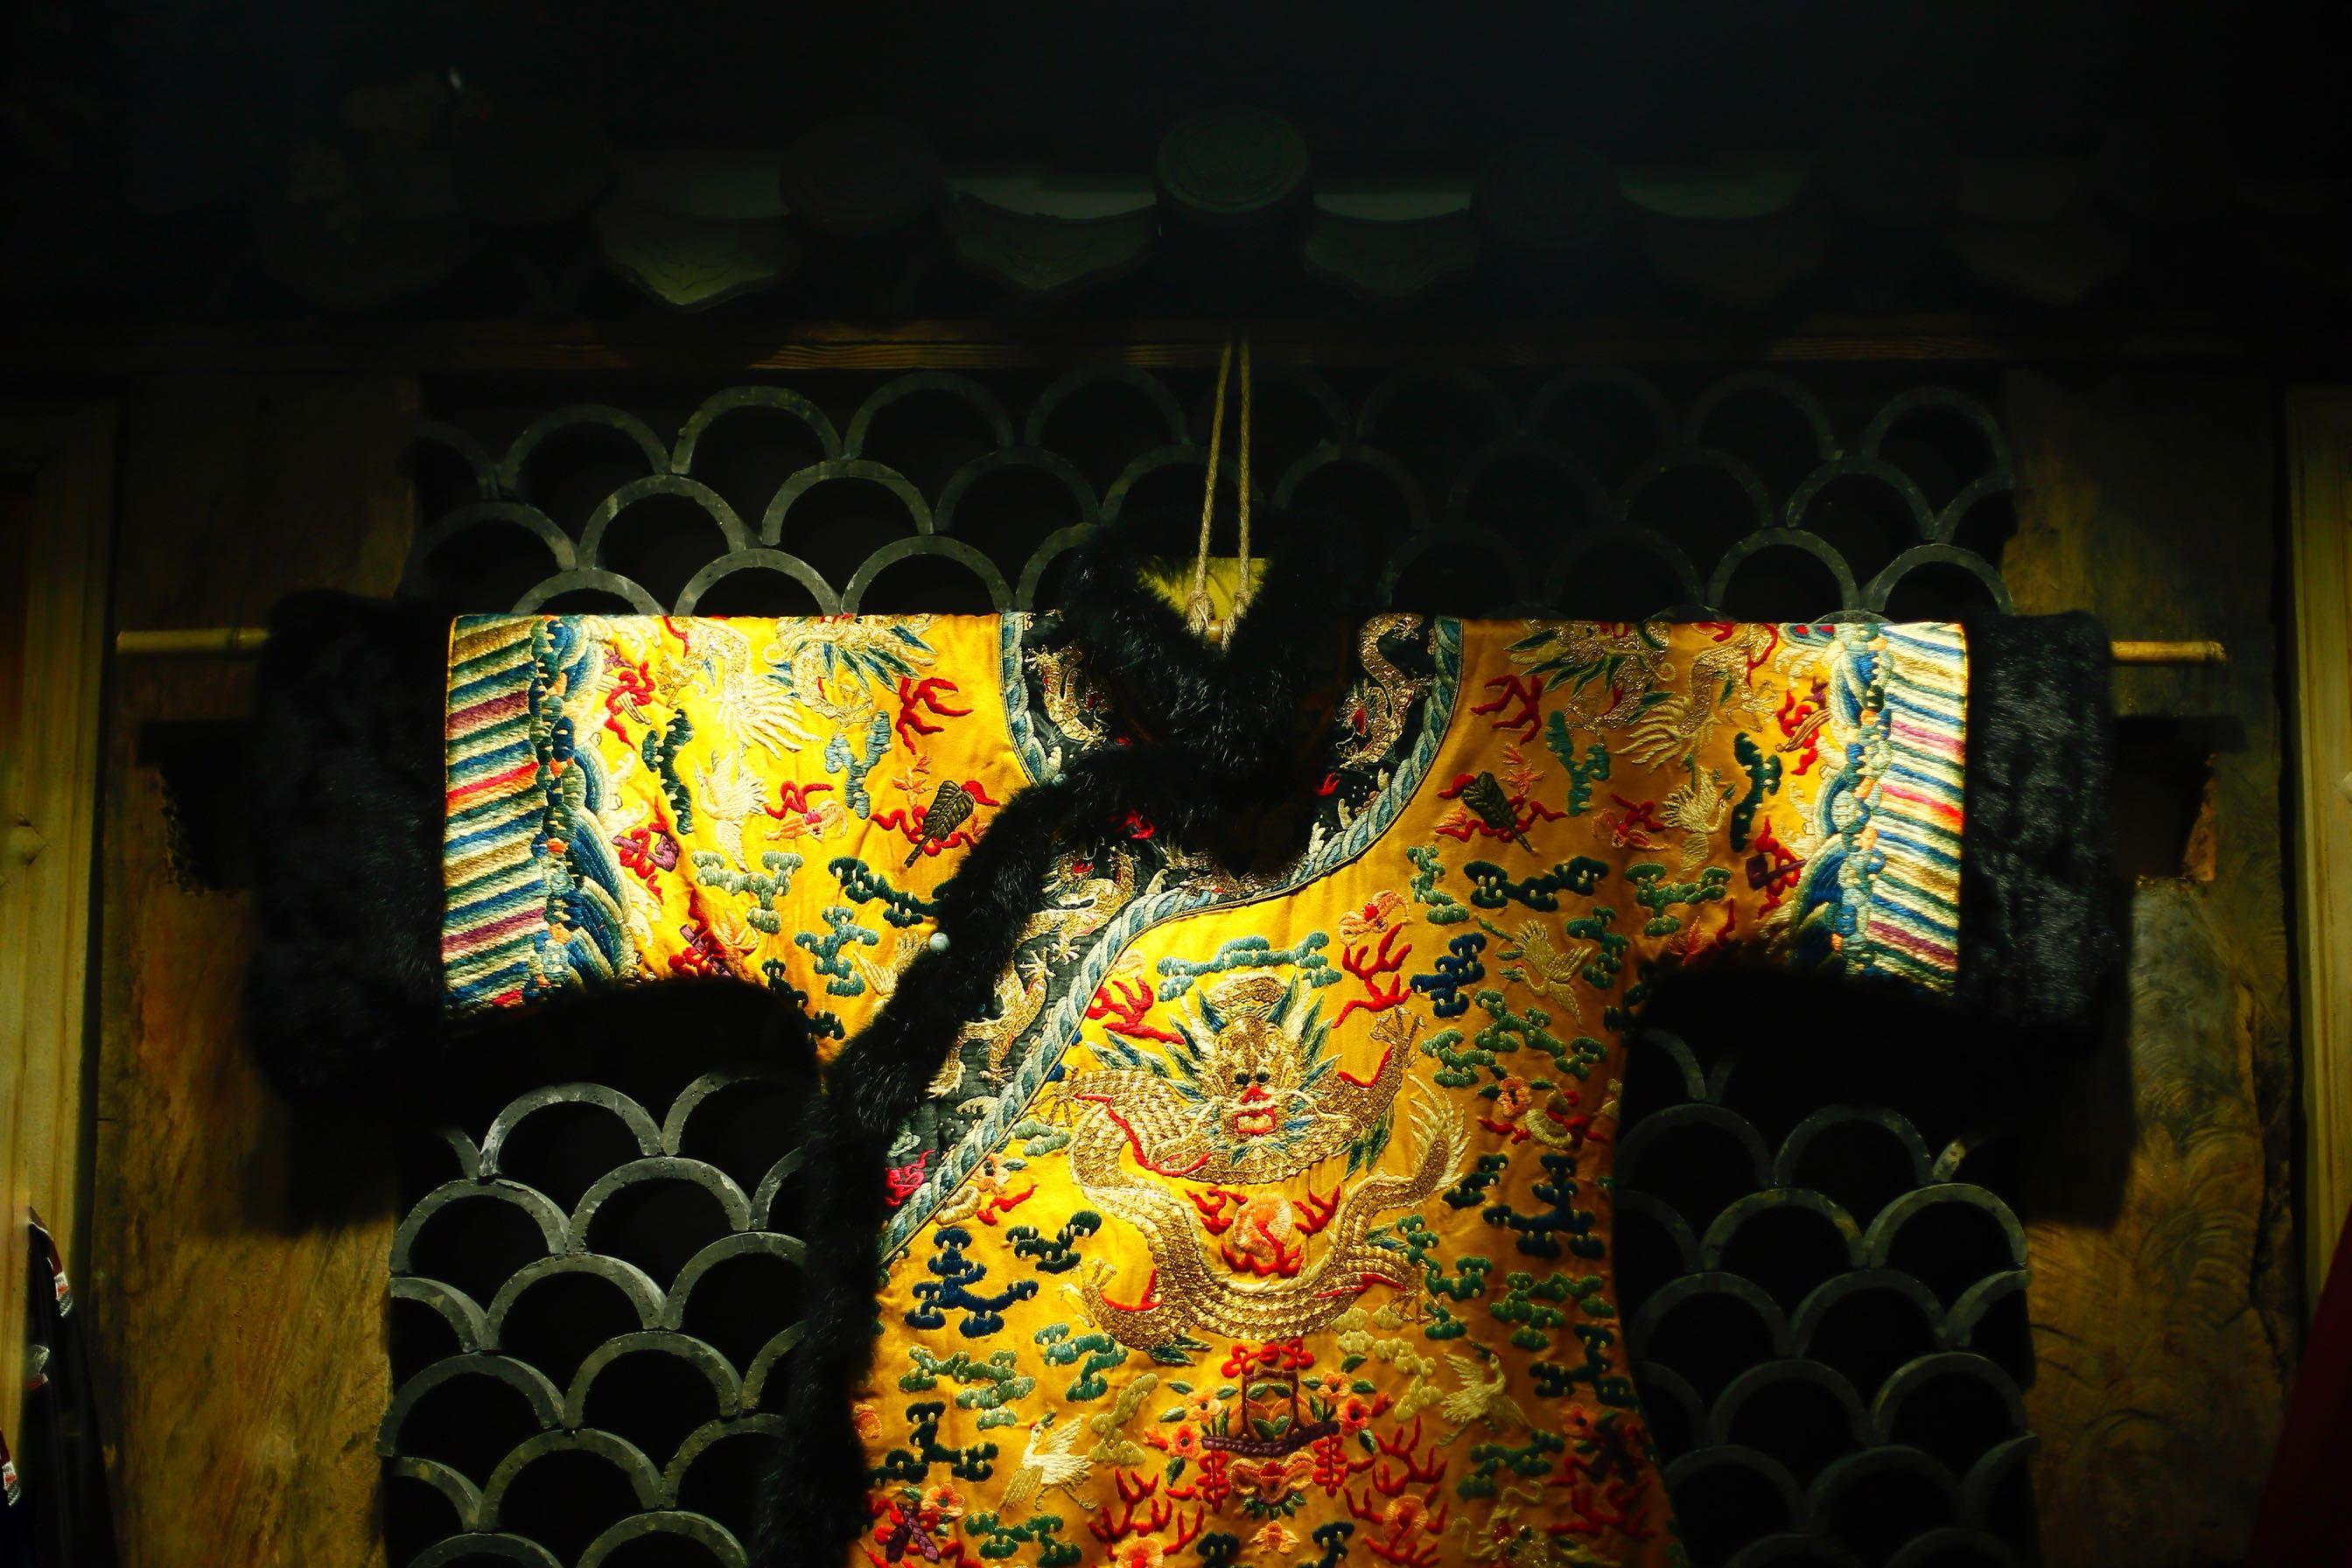 吊带连衣裙 绣色新款2020年春季黑色吊带长裙鱼尾连衣裙夏绣吾颜老绣定制定金_推荐淘宝好看的吊带连衣裙